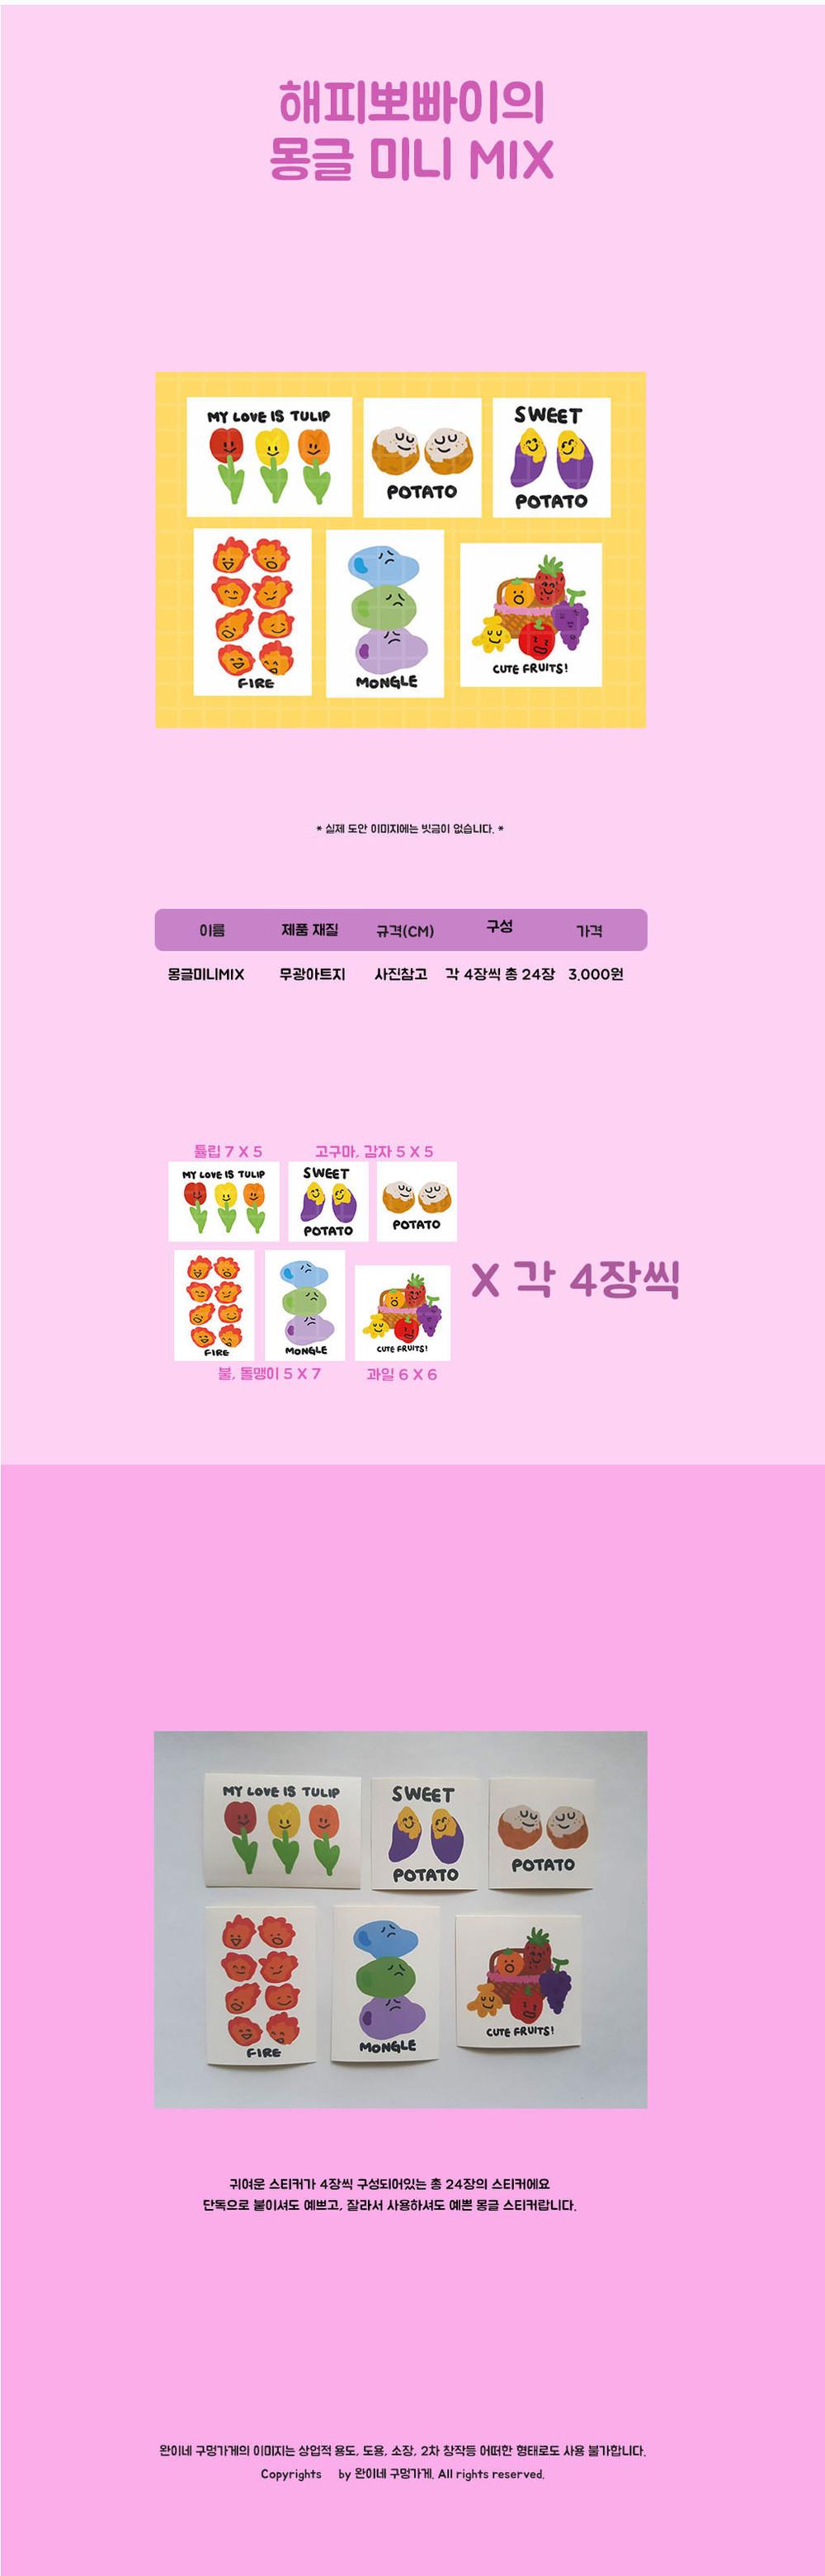 sticker171